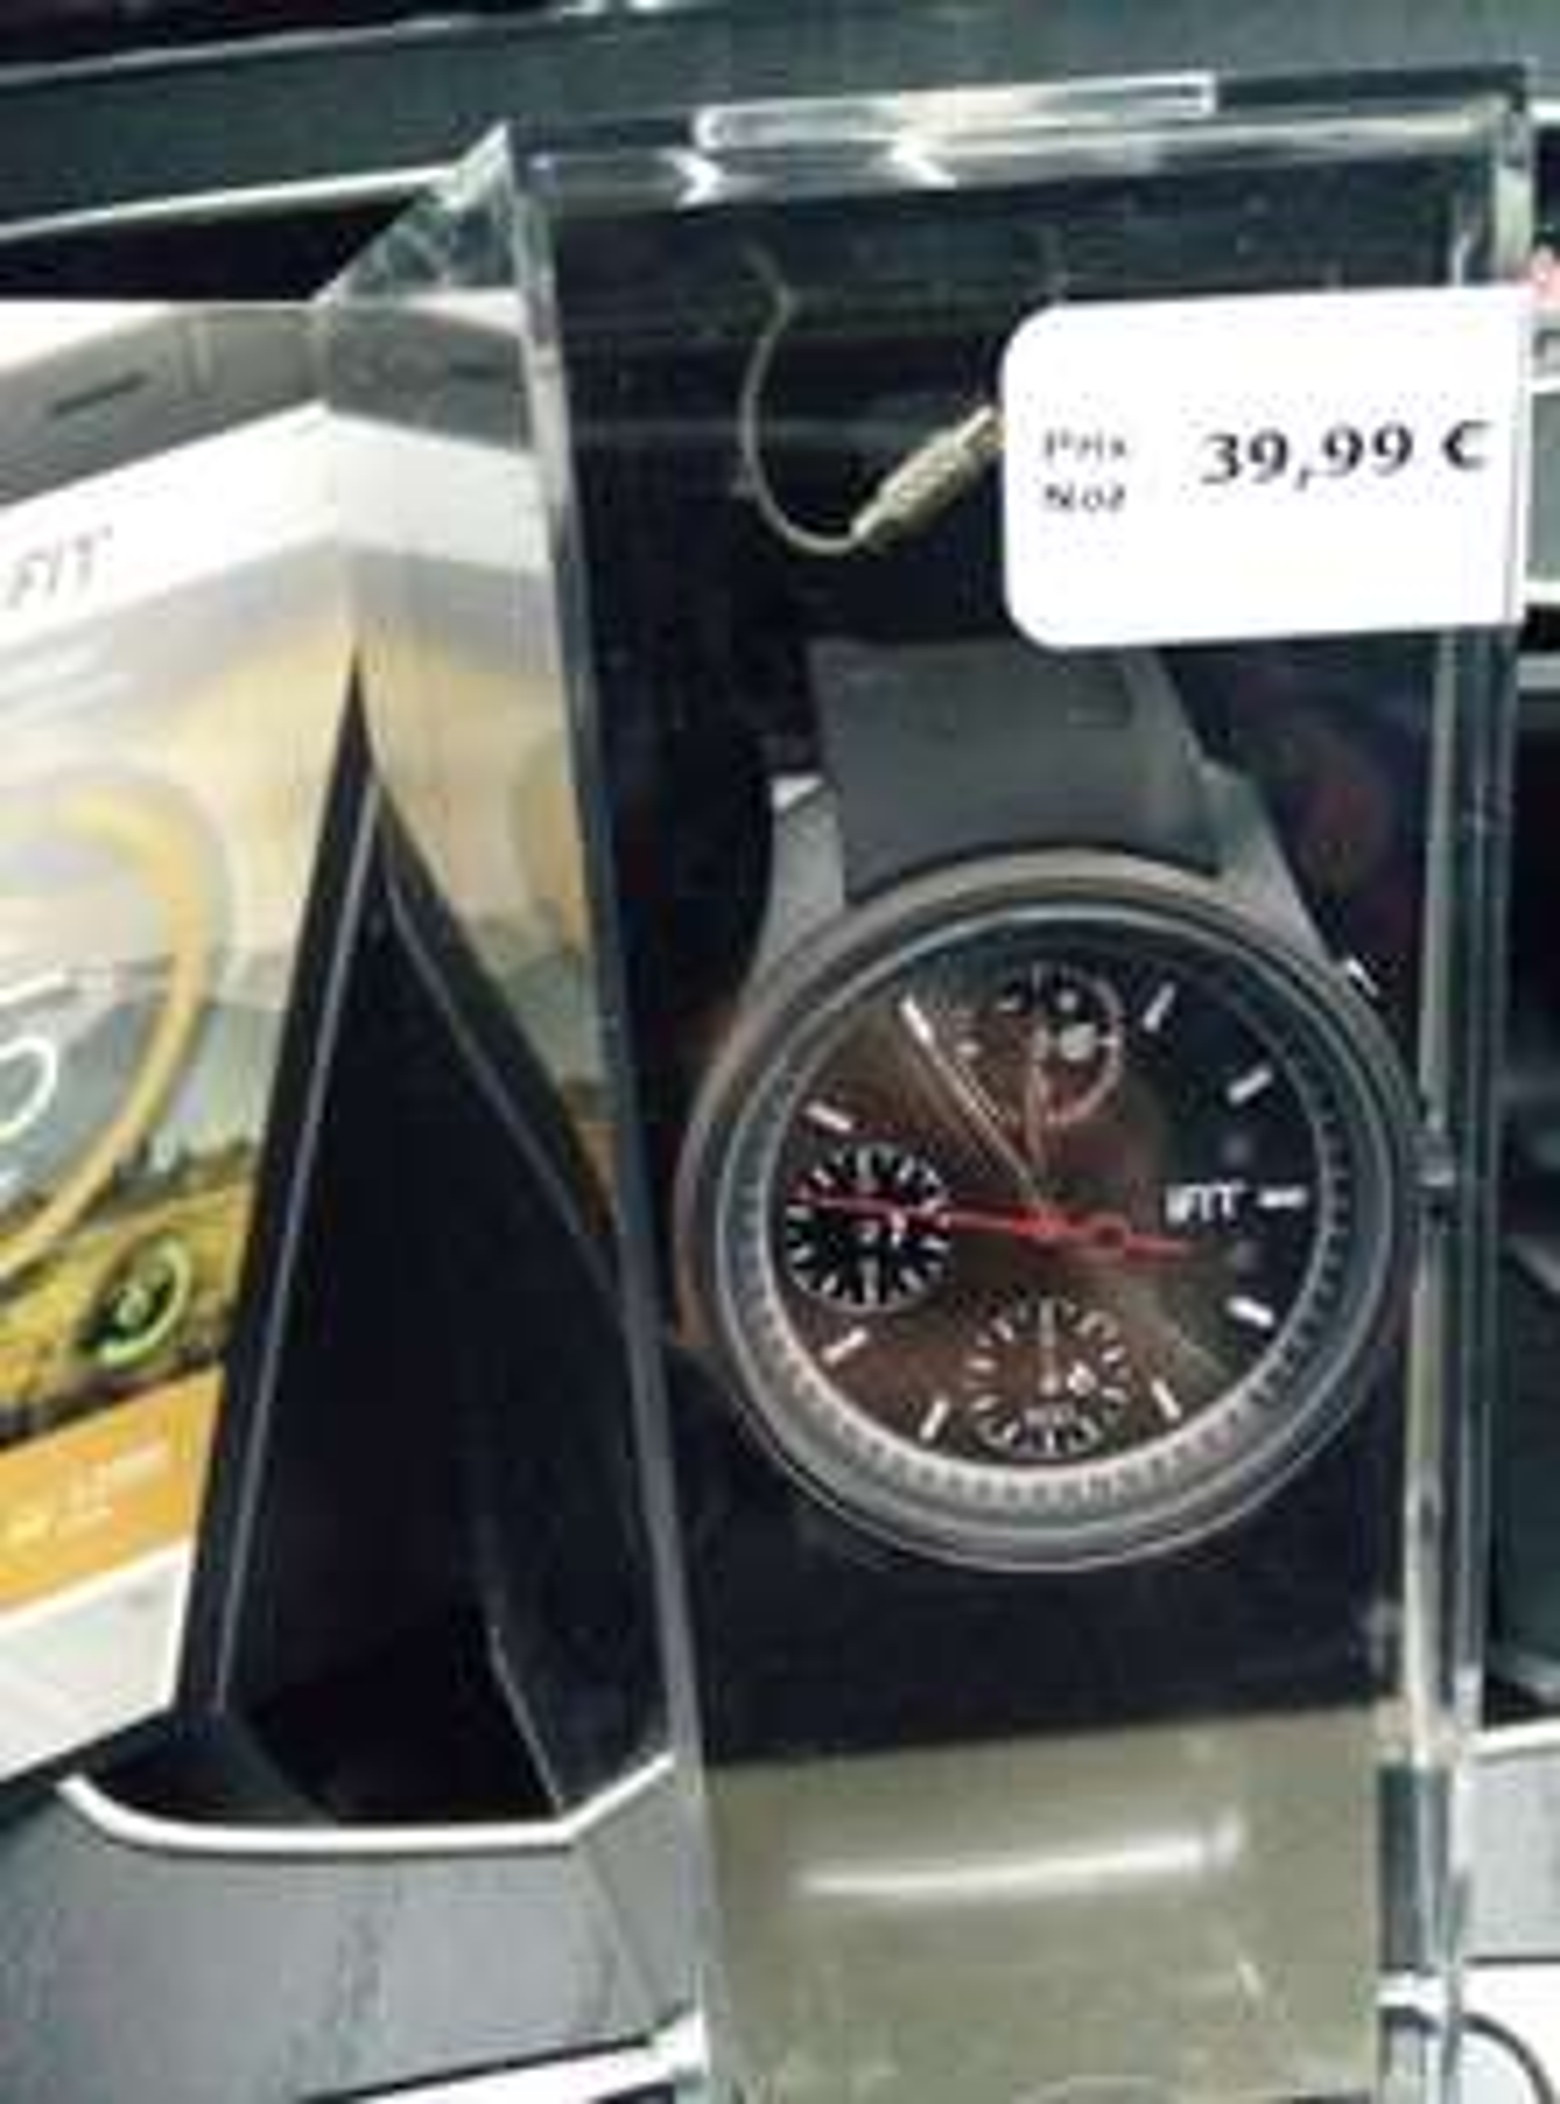 Bracelet connecté iFit Classic (Noir) - Saint-Martin-au-Laërt (62)